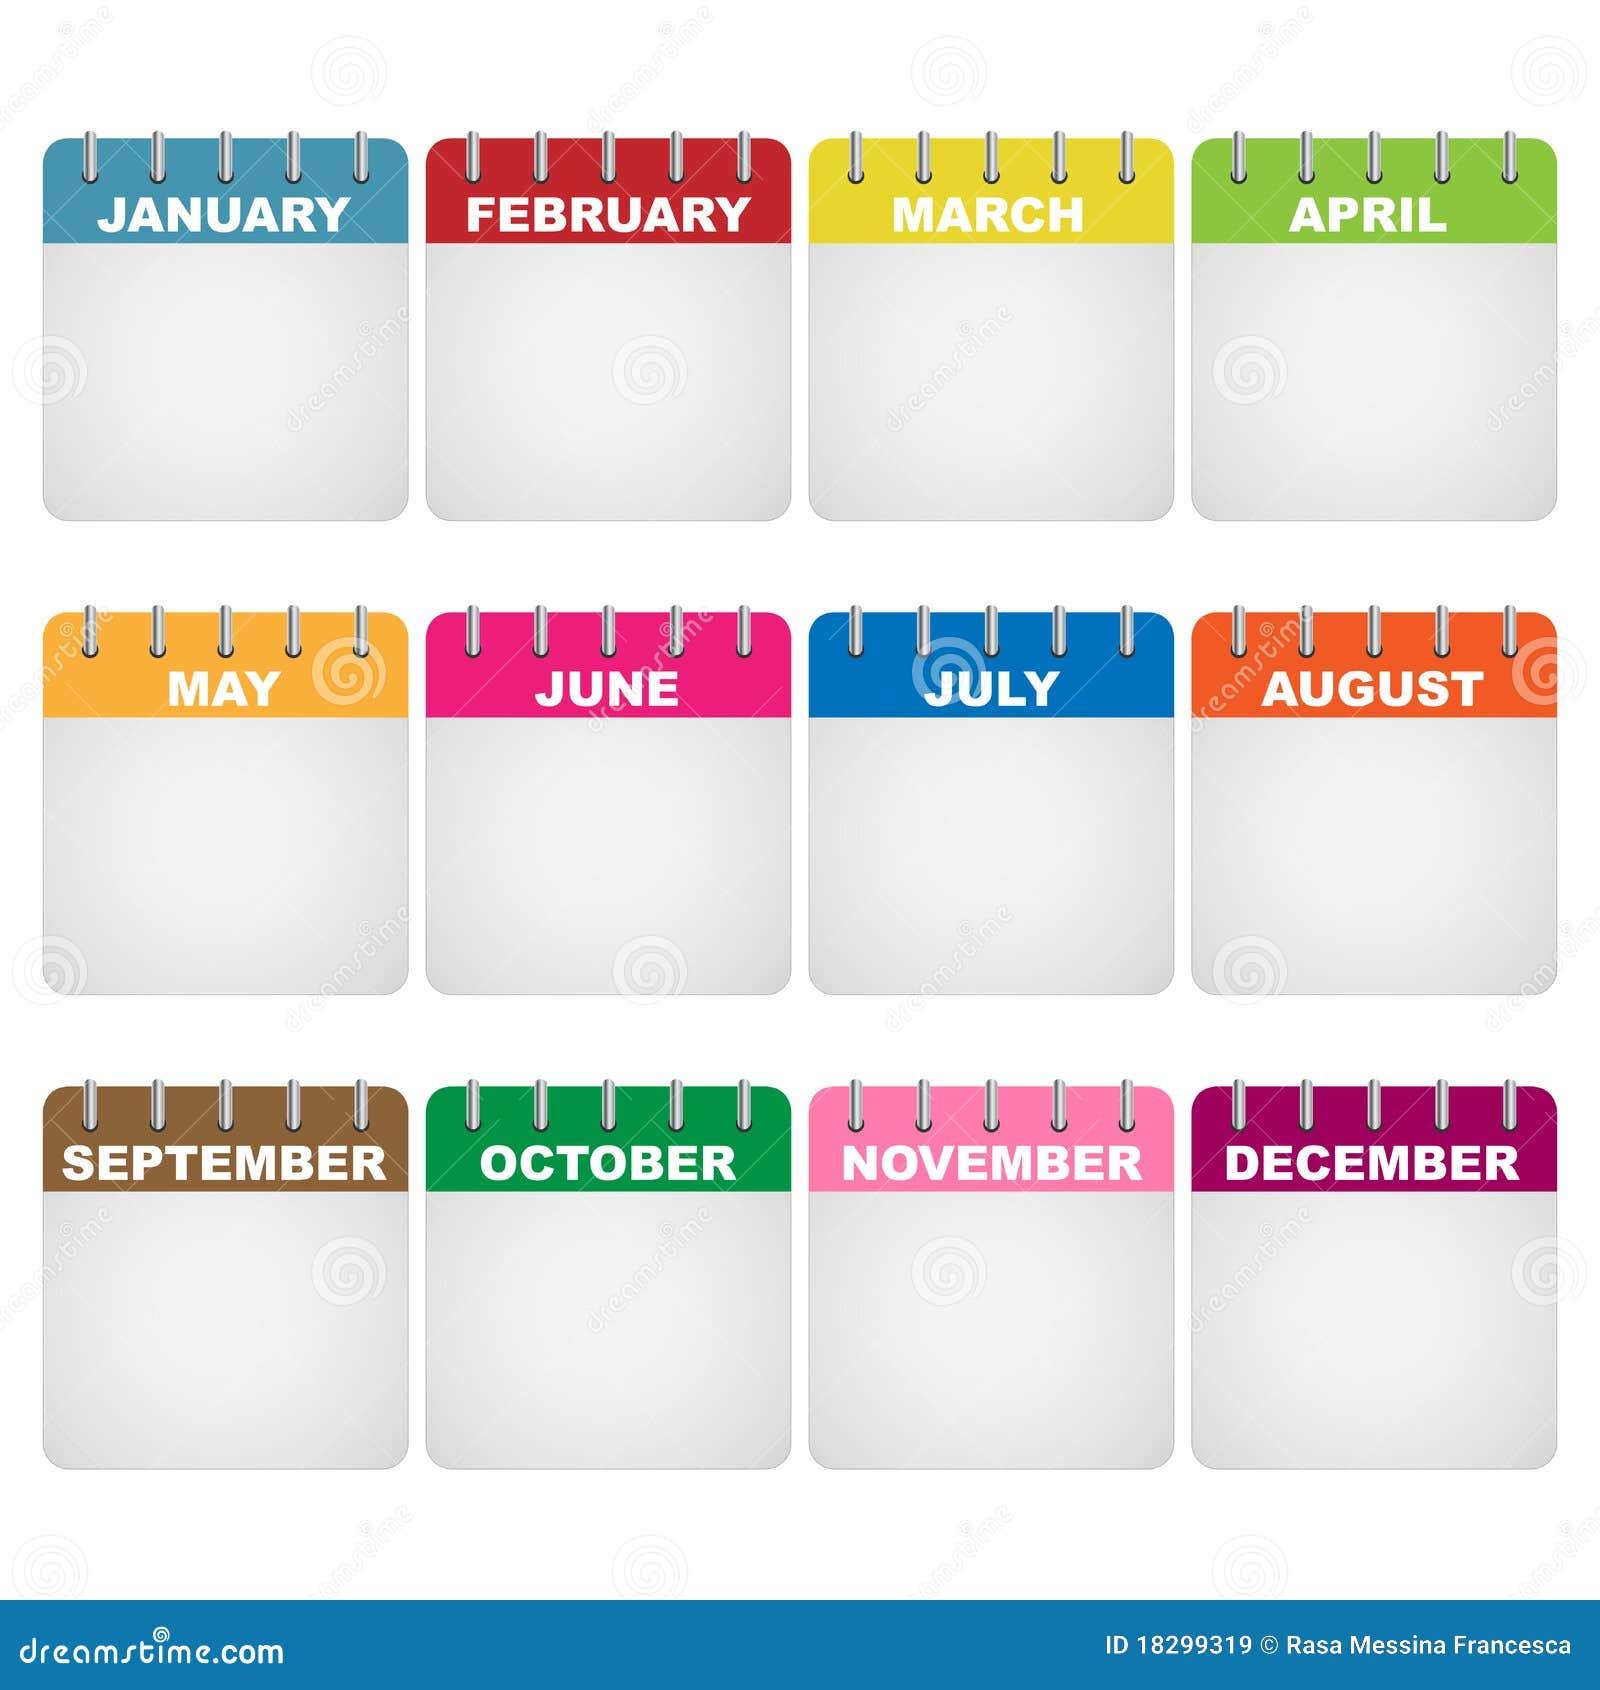 Blank Calendar App Icon – imvcorp